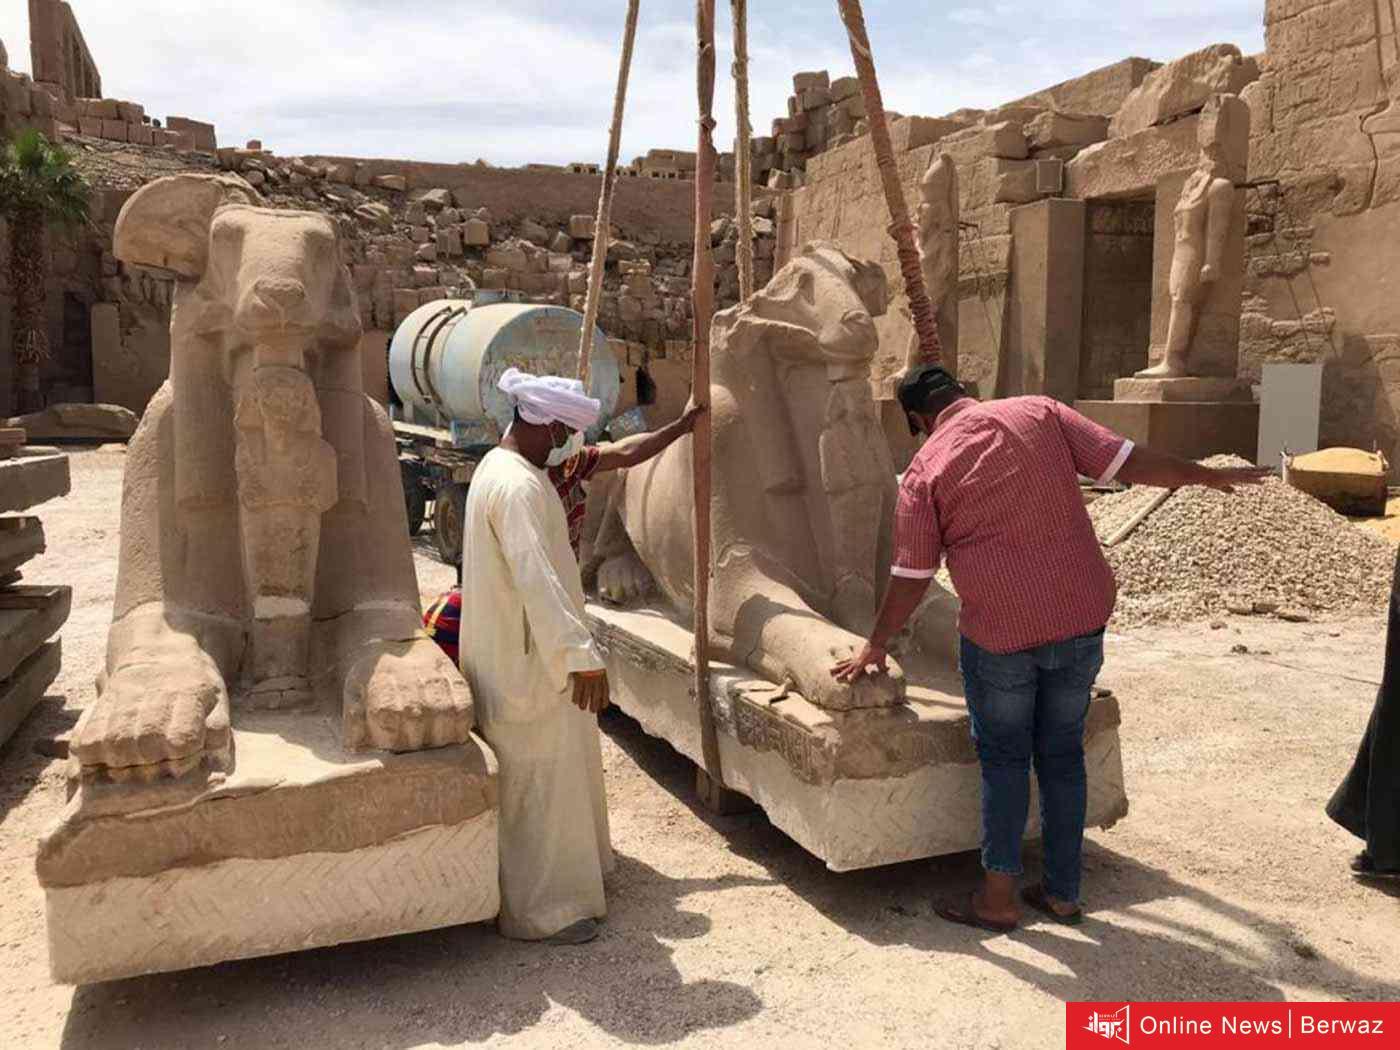 image - الآثار المصرية تعلن نجاح عملية ترميم وإنقاذ 29 تمثالا أثريا في مدينة الأقصر